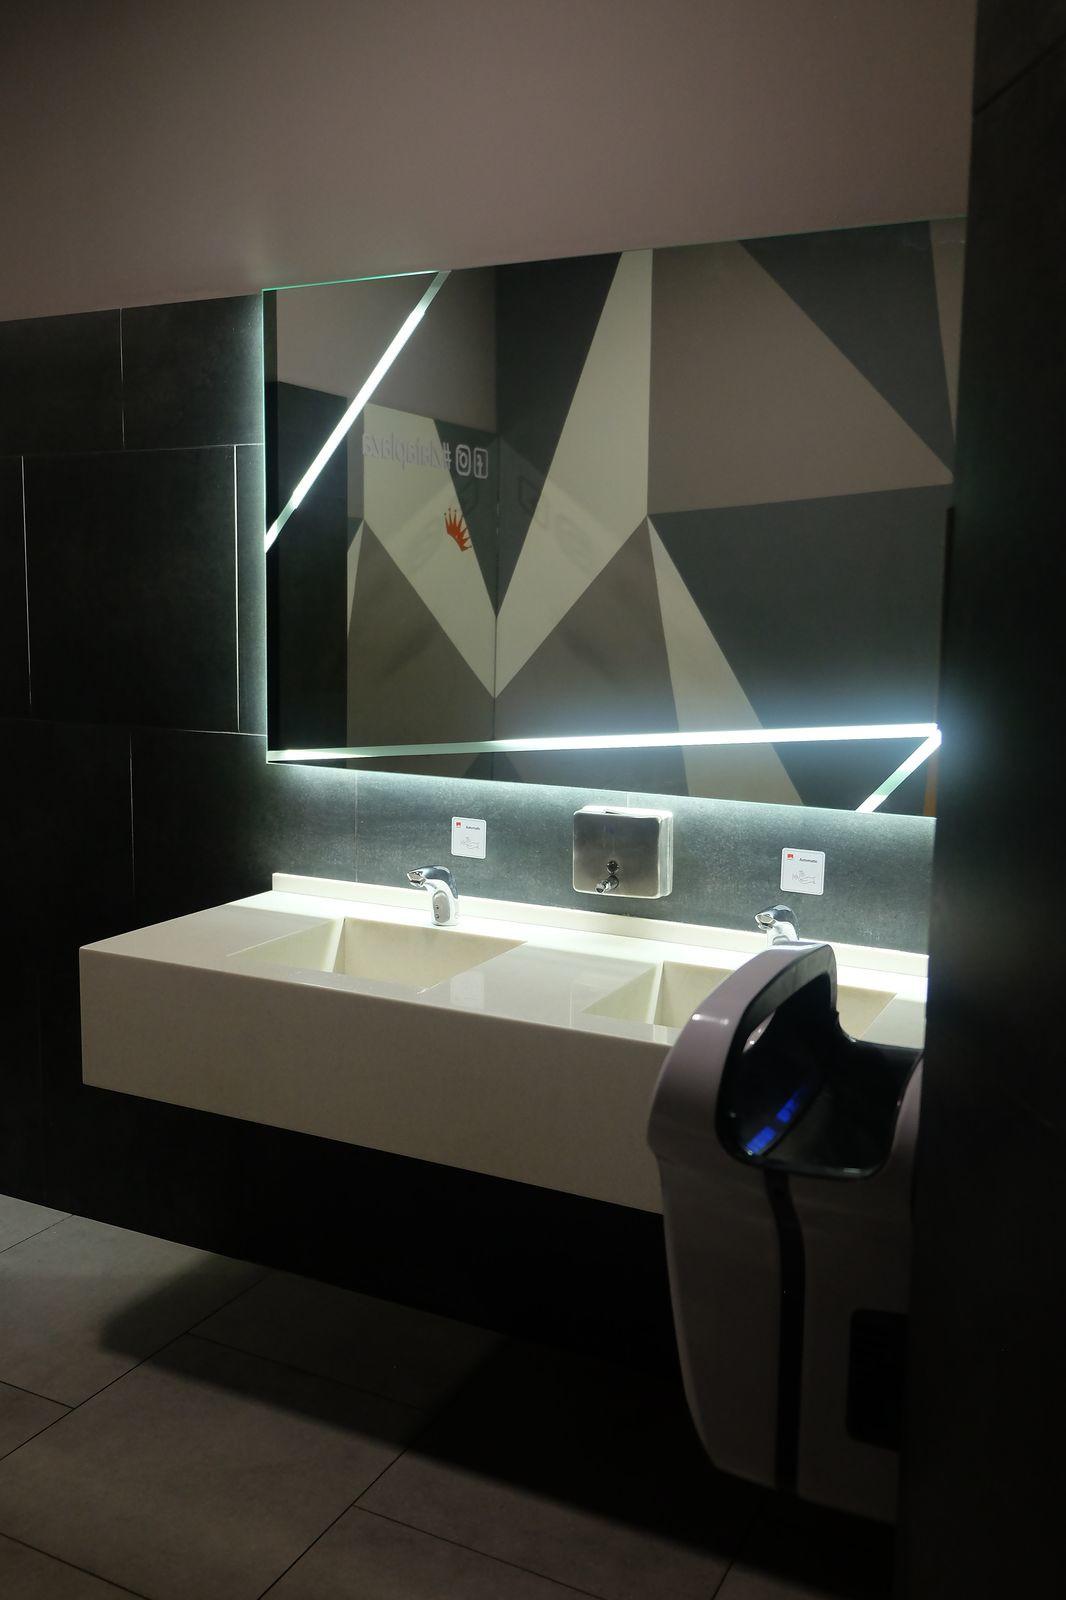 Завершився капітальний ремонт туалетів на трьох поверхах ТРЦ